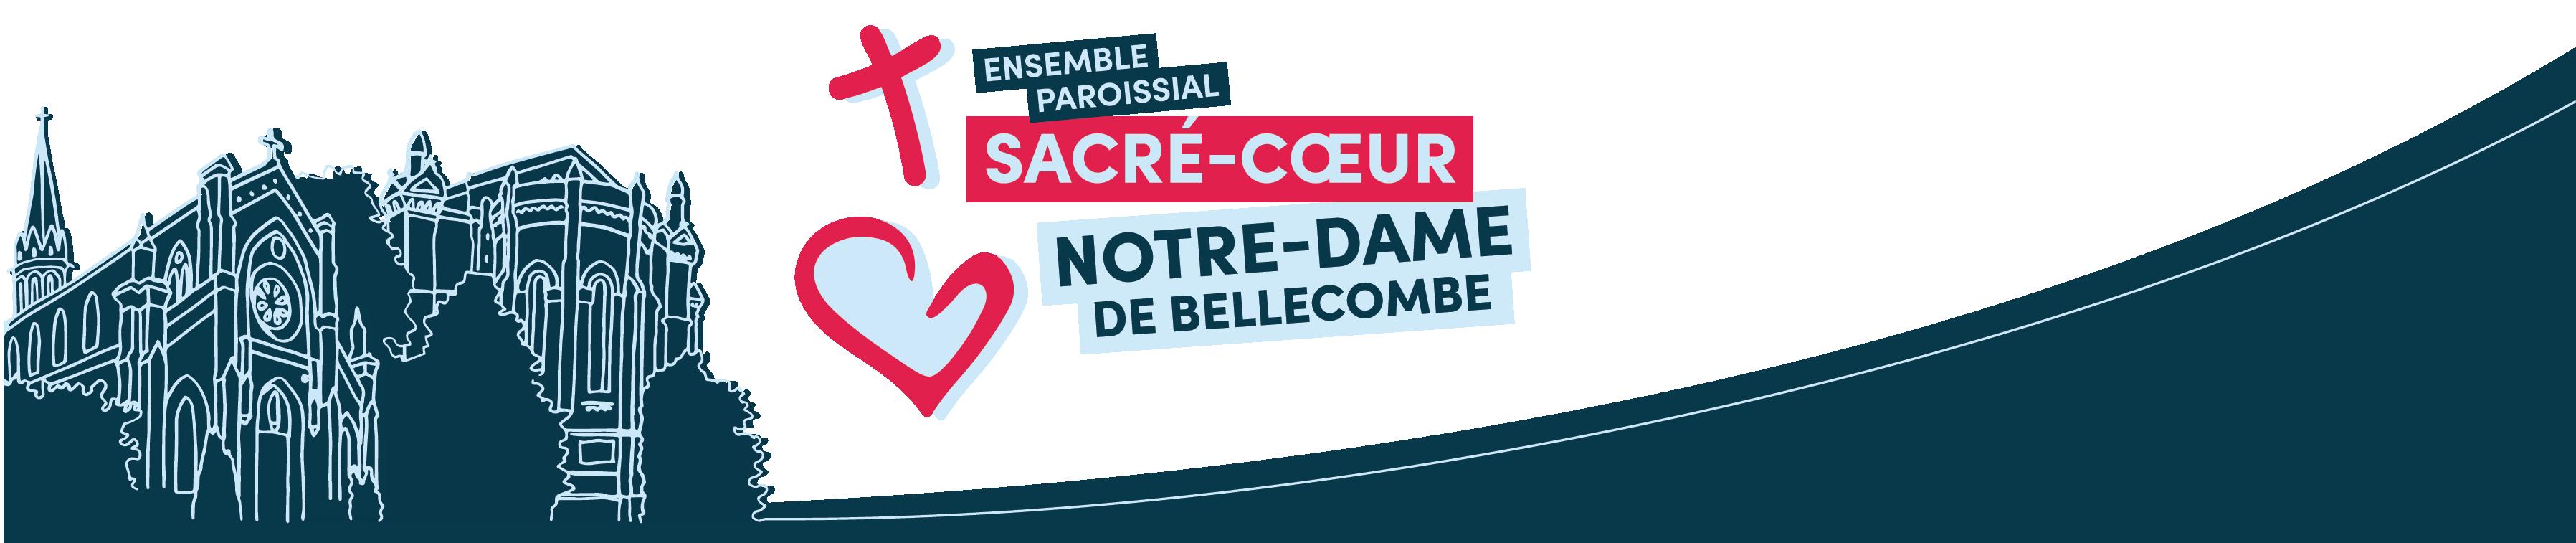 Ensemble paroissial Sacré-Coeur et Notre-Dame de Bellecombe